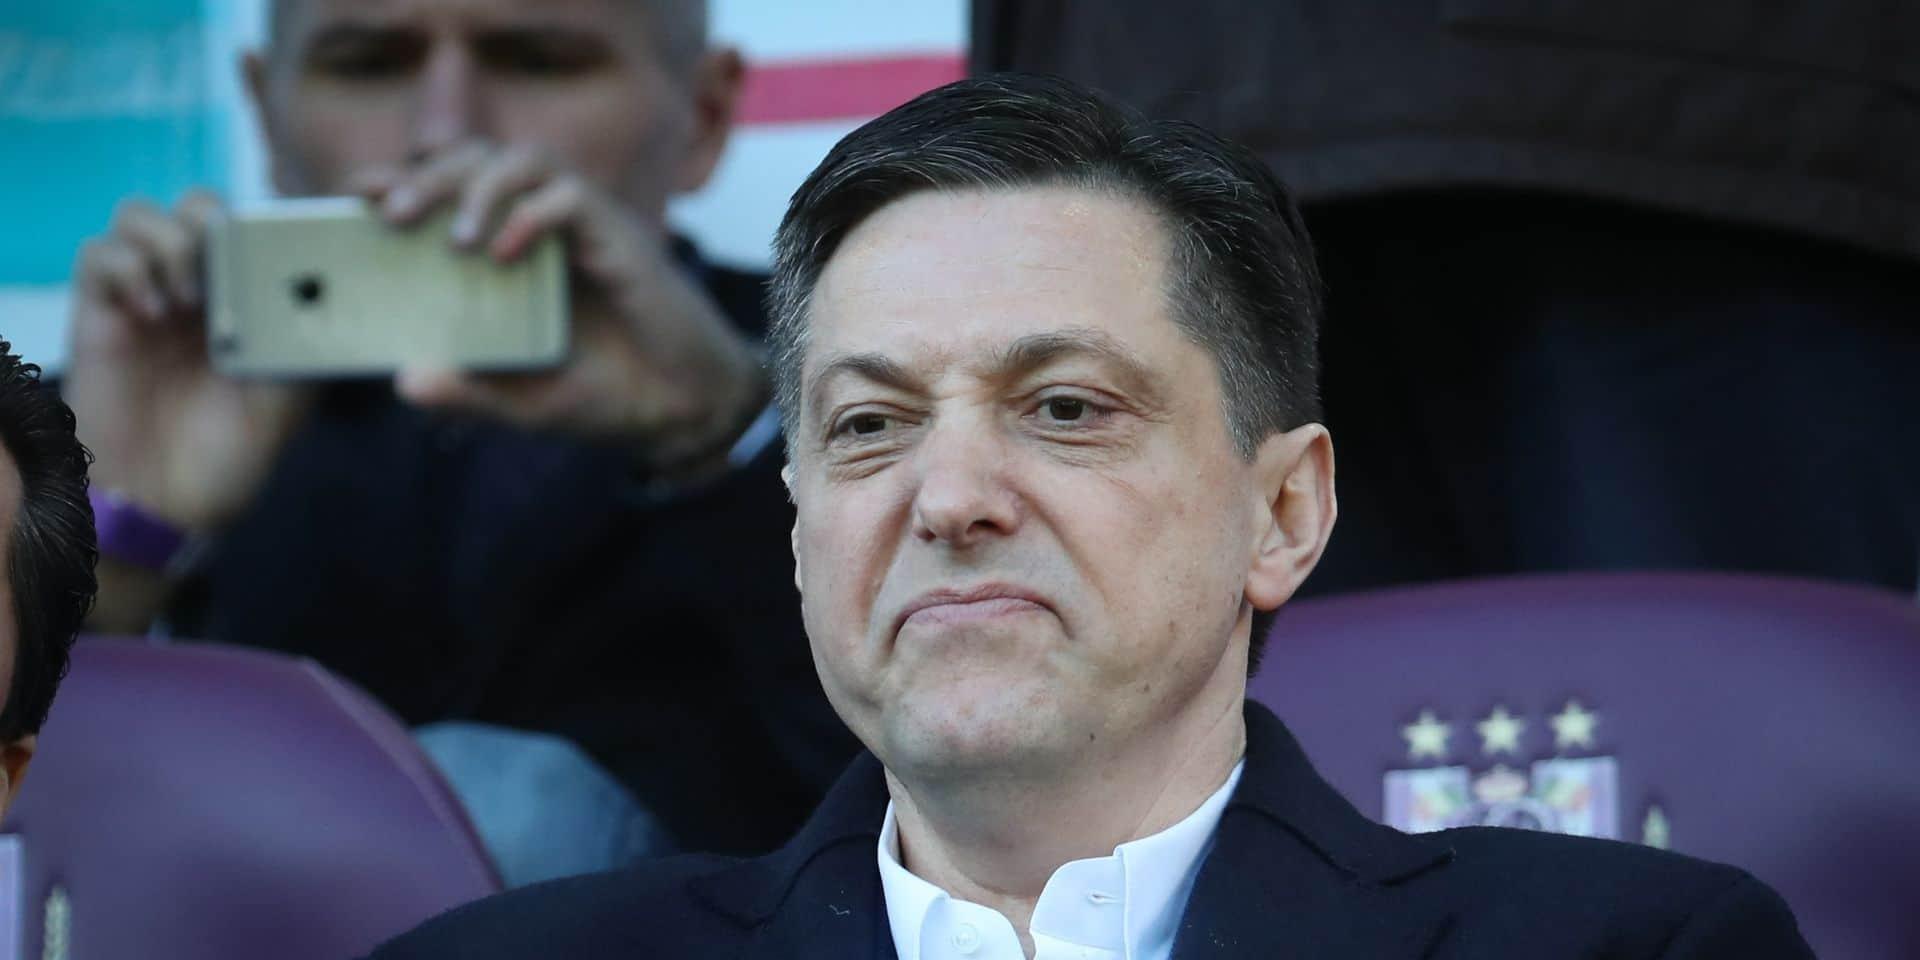 Nouvelles révélations dans le Footgate: 31 millions de faux contrats donnés dans 12 clubs dont Anderlecht et le Standard, 19 millions de paiements en noir